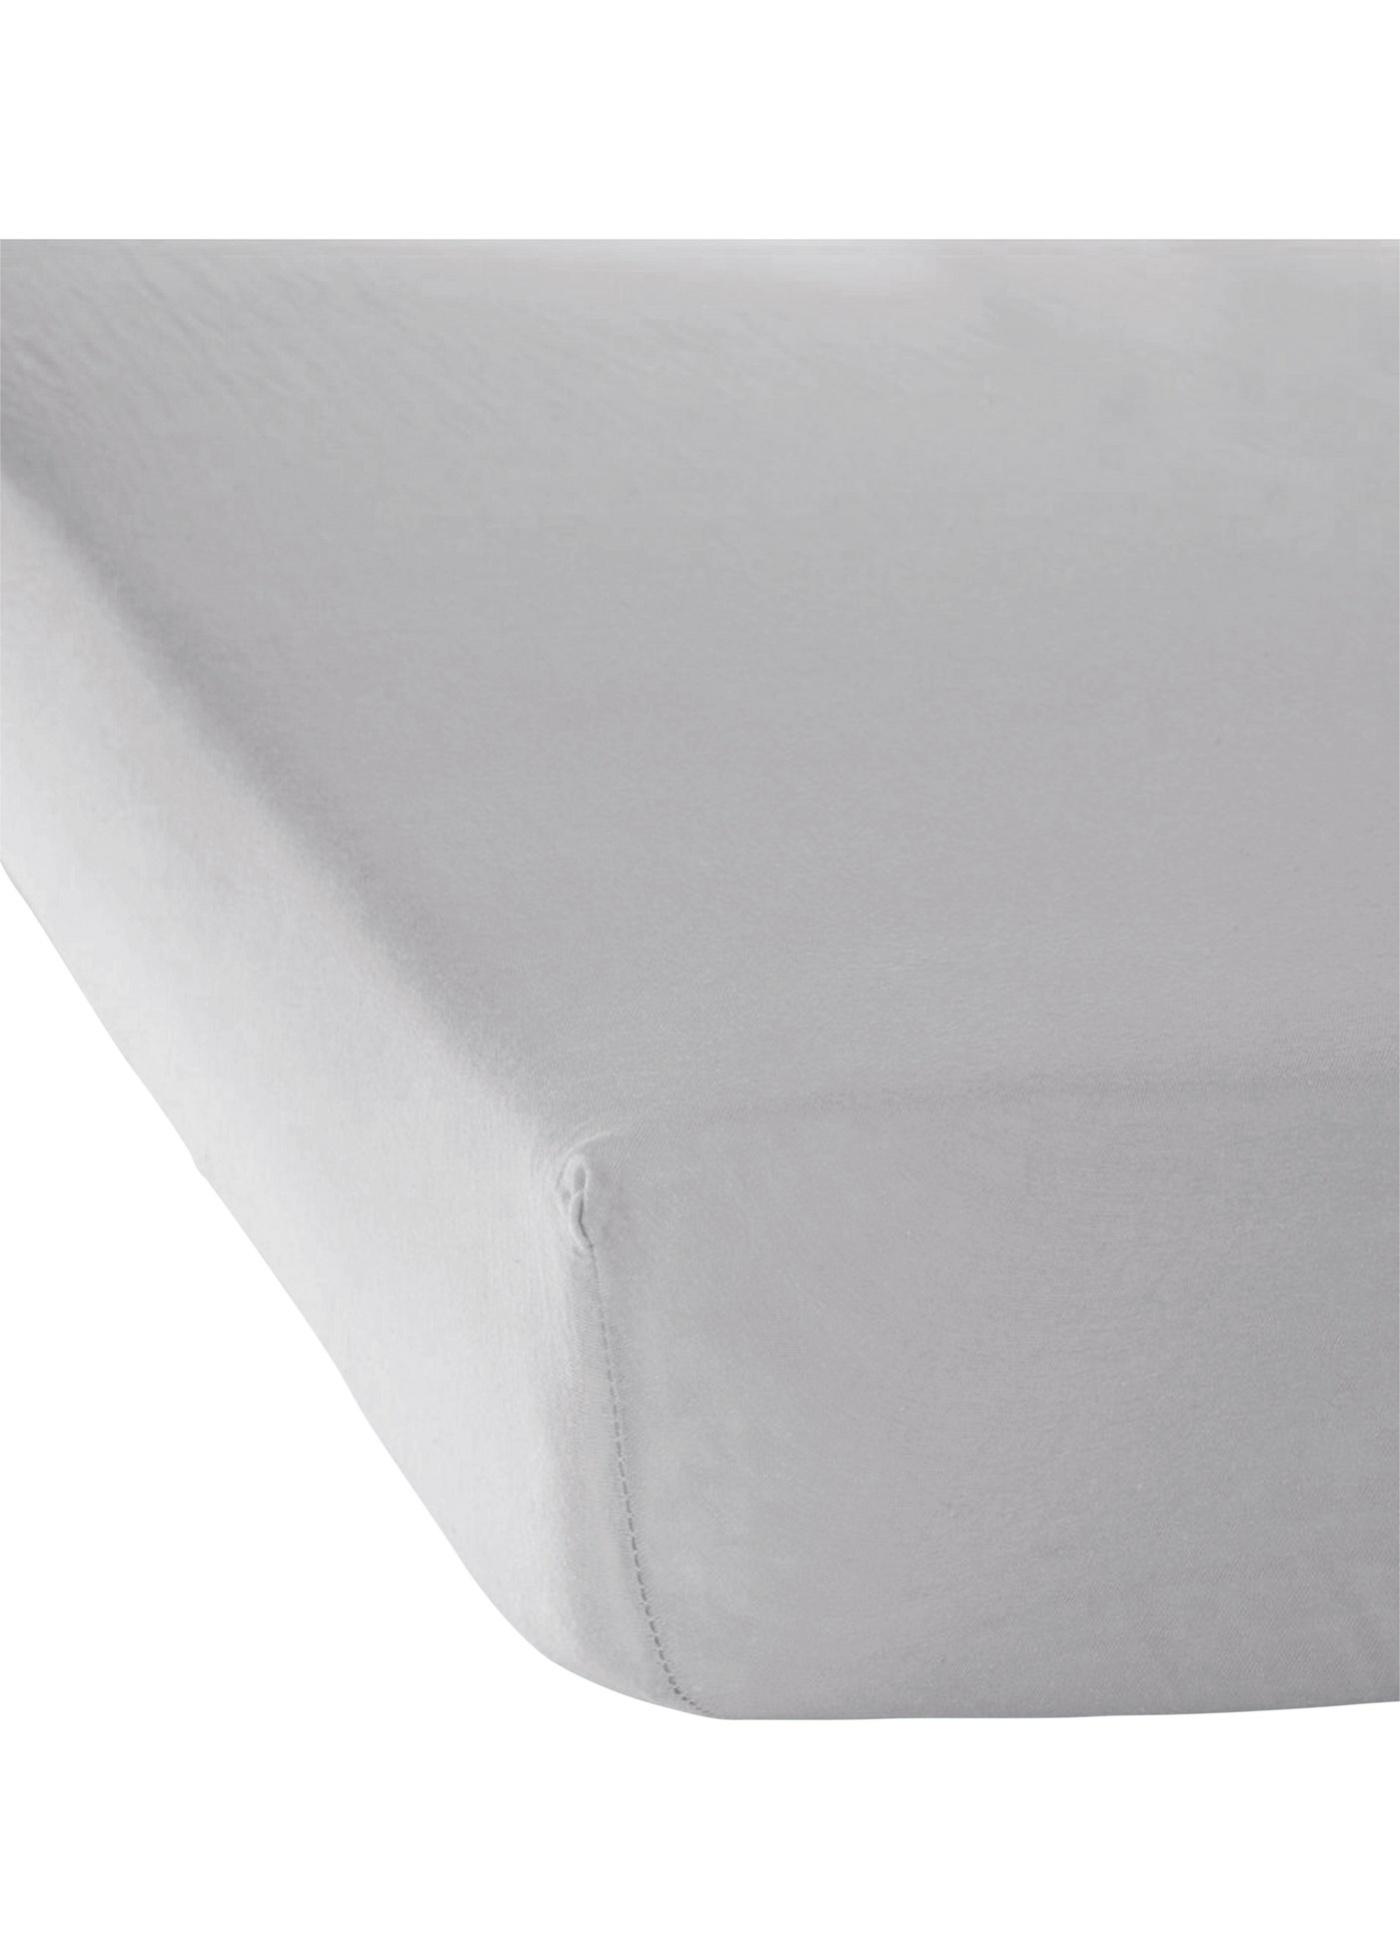 Drap-housse en jersey, très élastique pour une tenue parfaite, disponible en différents coloris et plusieurs dimensions au choix. La longueur 220 cm est disponible uniquement dans les coloris anthracite, bleu et blanc.